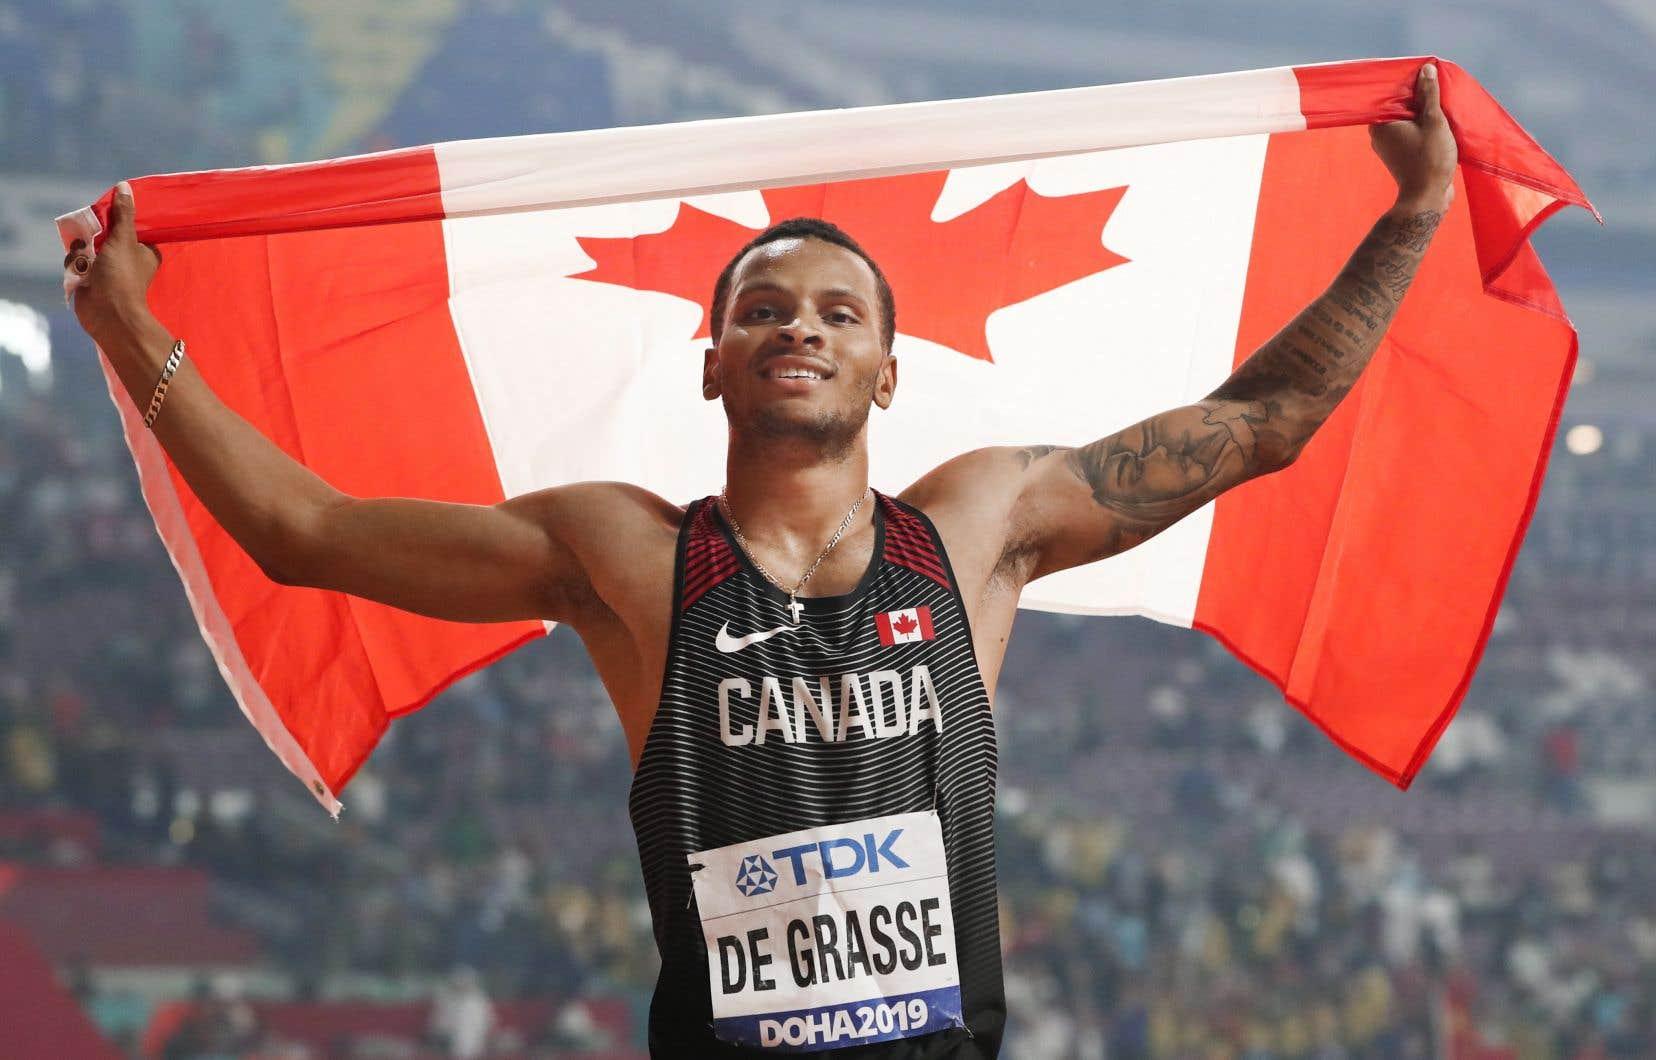 Andre De Grasse compte maintenant une médaille d'argent et trois de bronze en carrière aux Mondiaux, qui s'ajoutent à ses trois médailles olympiques, une d'argent et deux de bronze.